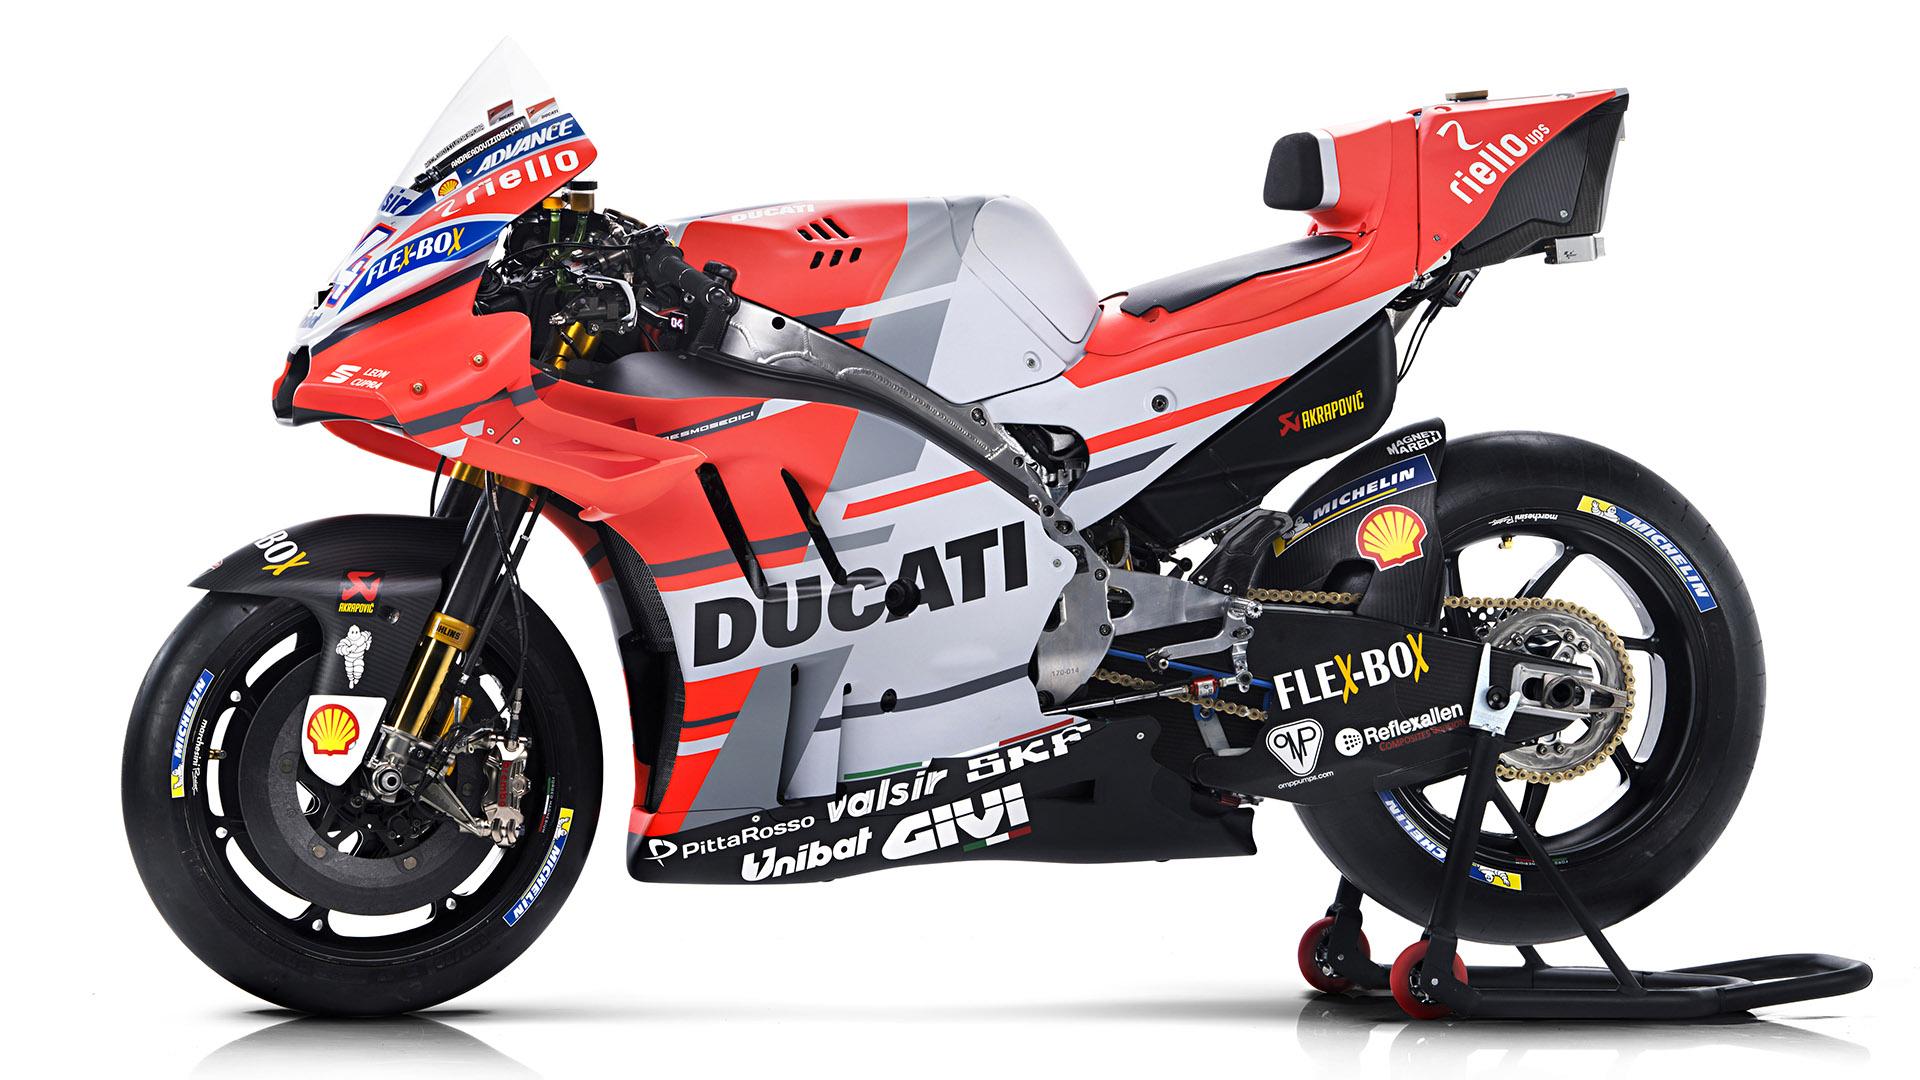 Ducati Team MotoGP 2018 | Ducati Desmosedici GP